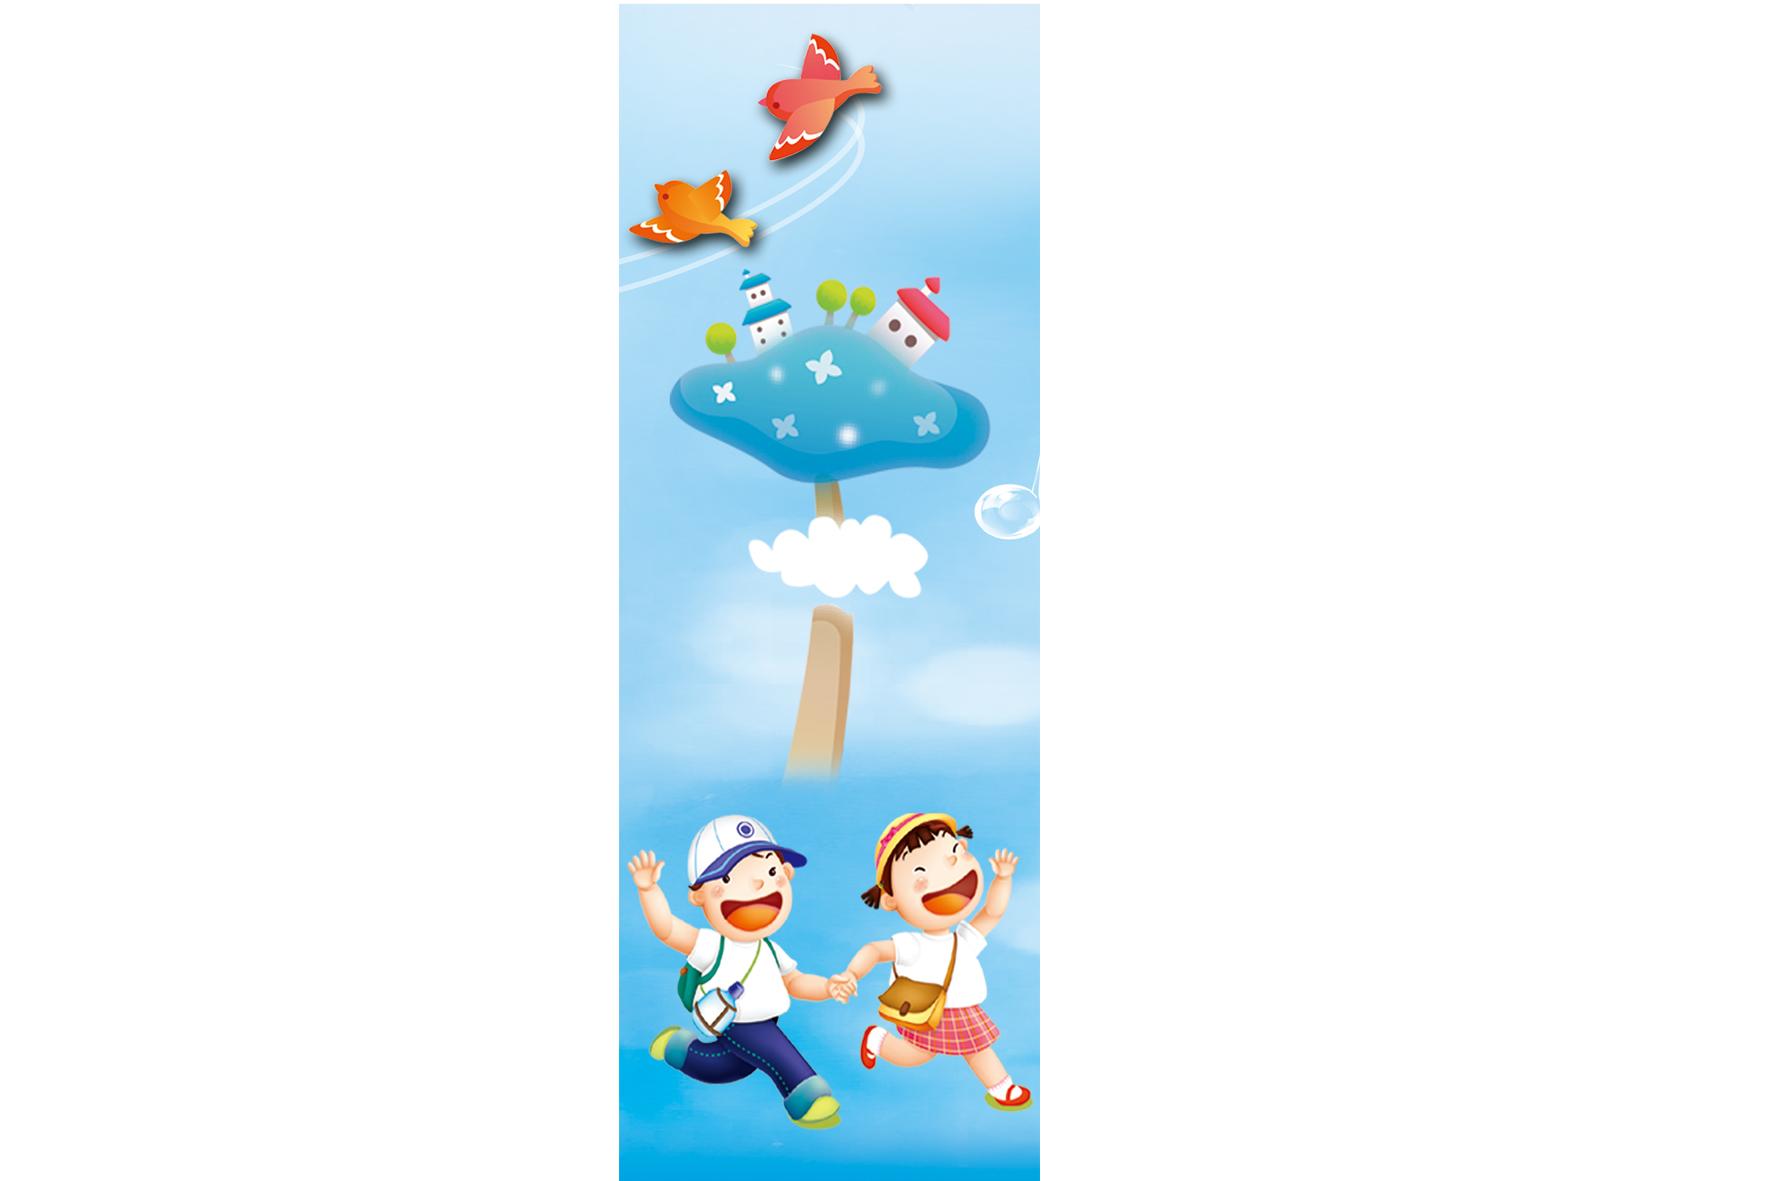 幼儿园卡通图片 幼儿园展板 幼儿园卡通广告 幼儿园背景 卡通背景